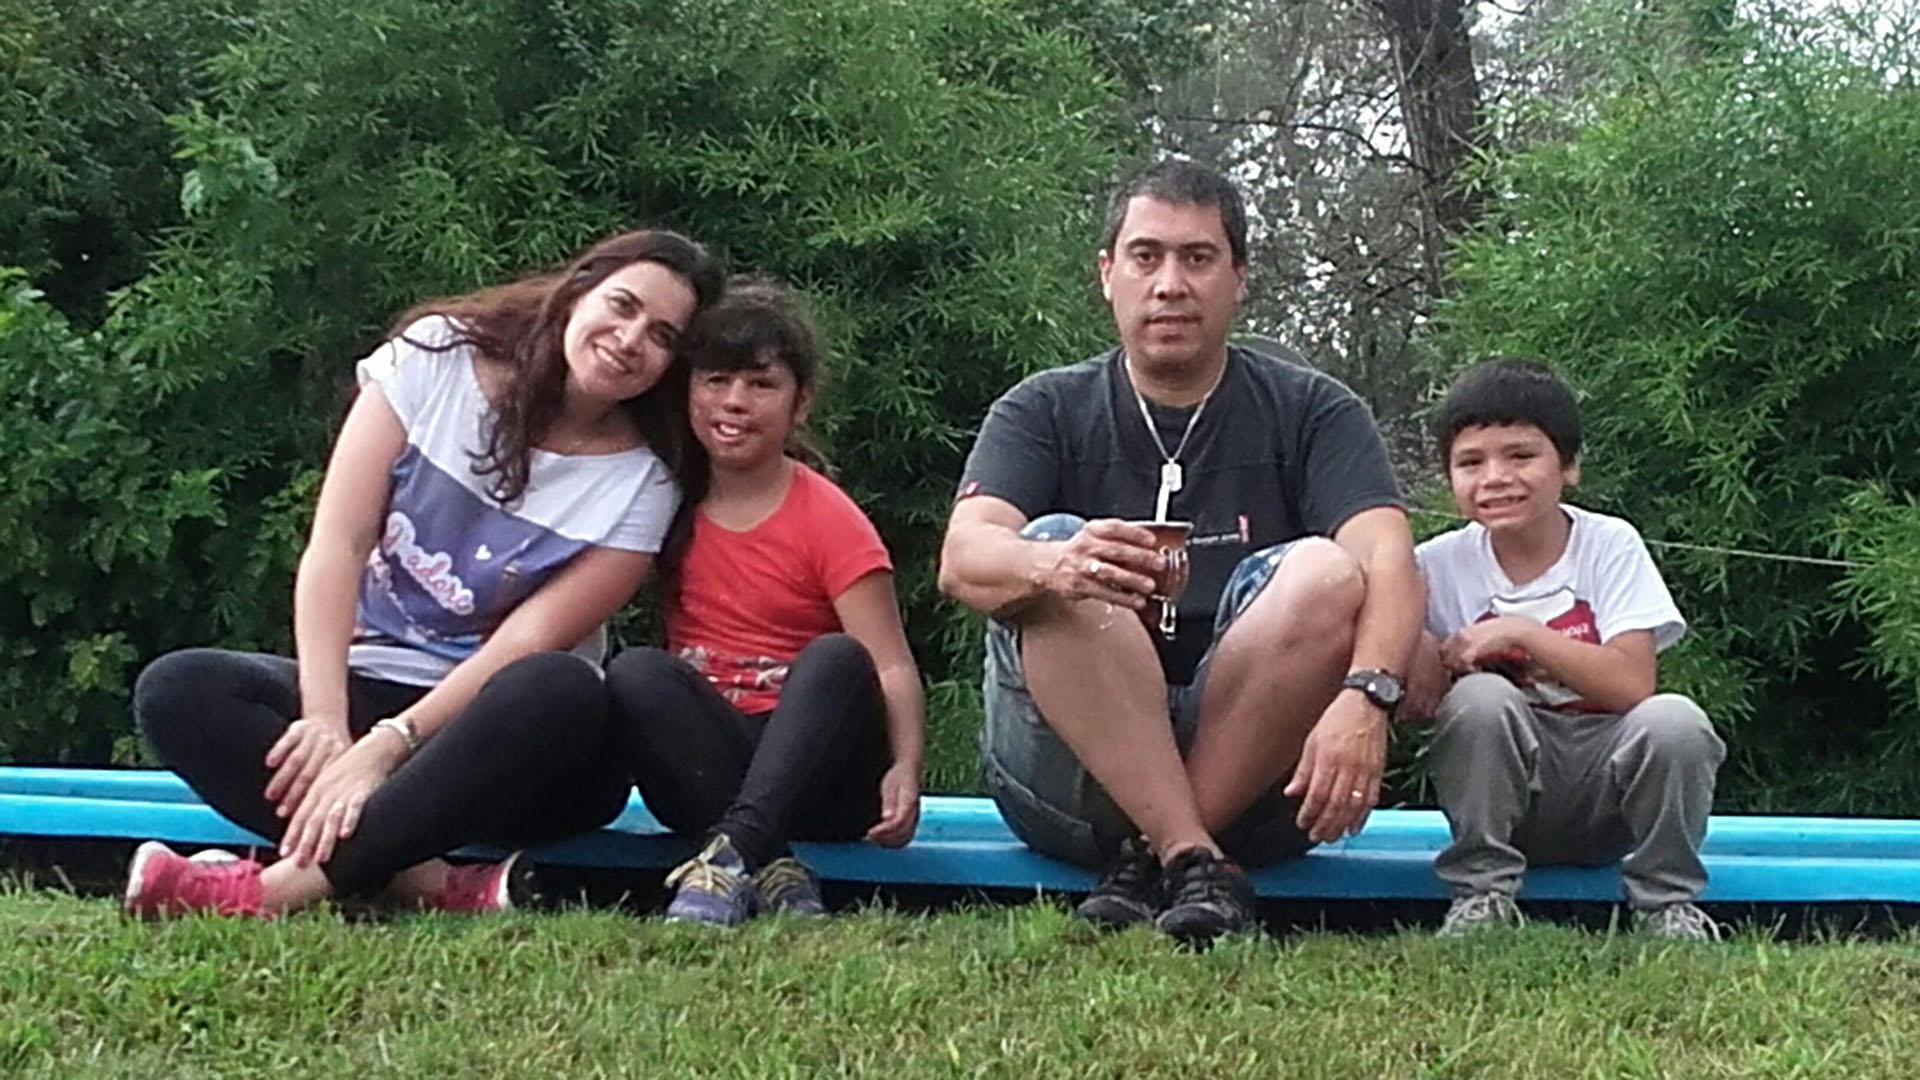 Fabiana Pérez y Norberto Vega y su nueva vida. Acá, junto a sus hijos, Betiana y Ezequiel